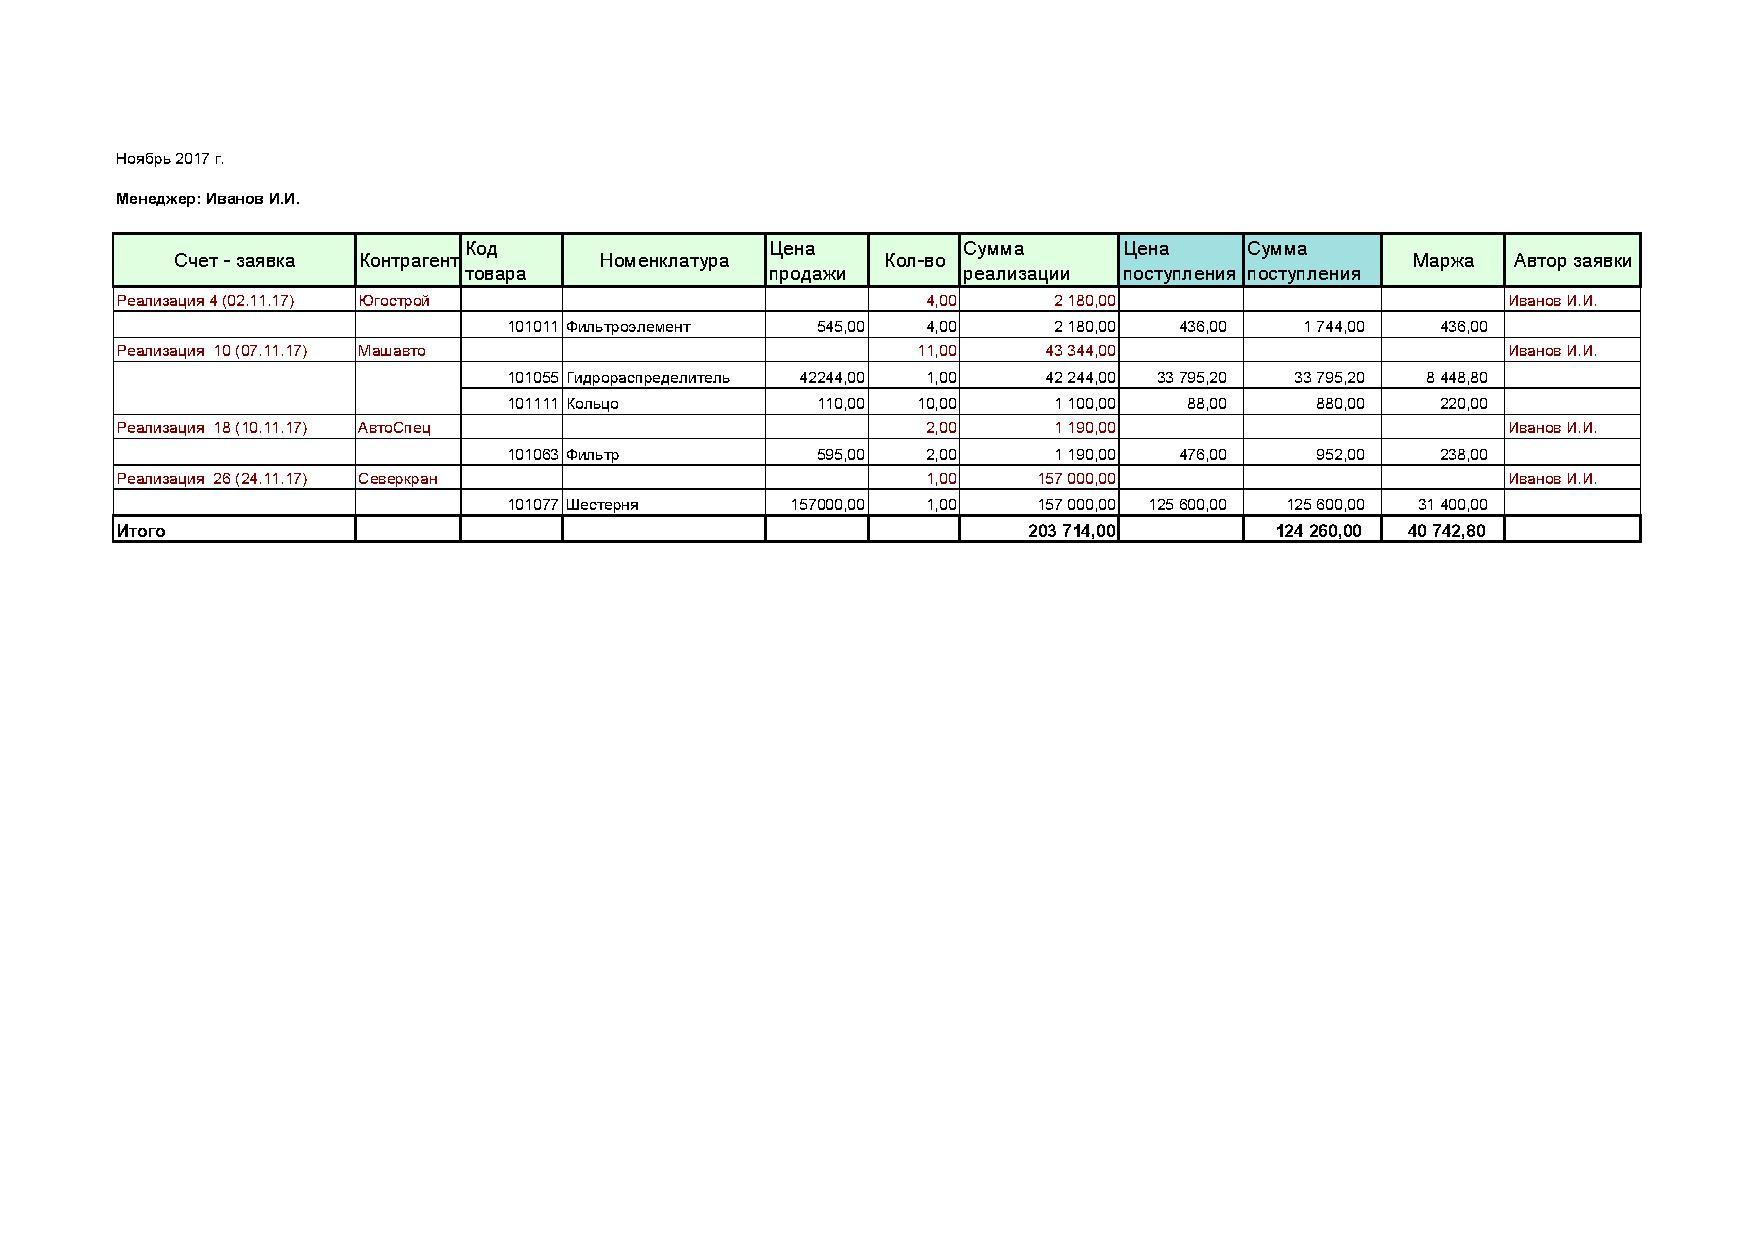 Как сщздать отчет по продажам с маржой в 1с 1с 8.3 переустановка соединения